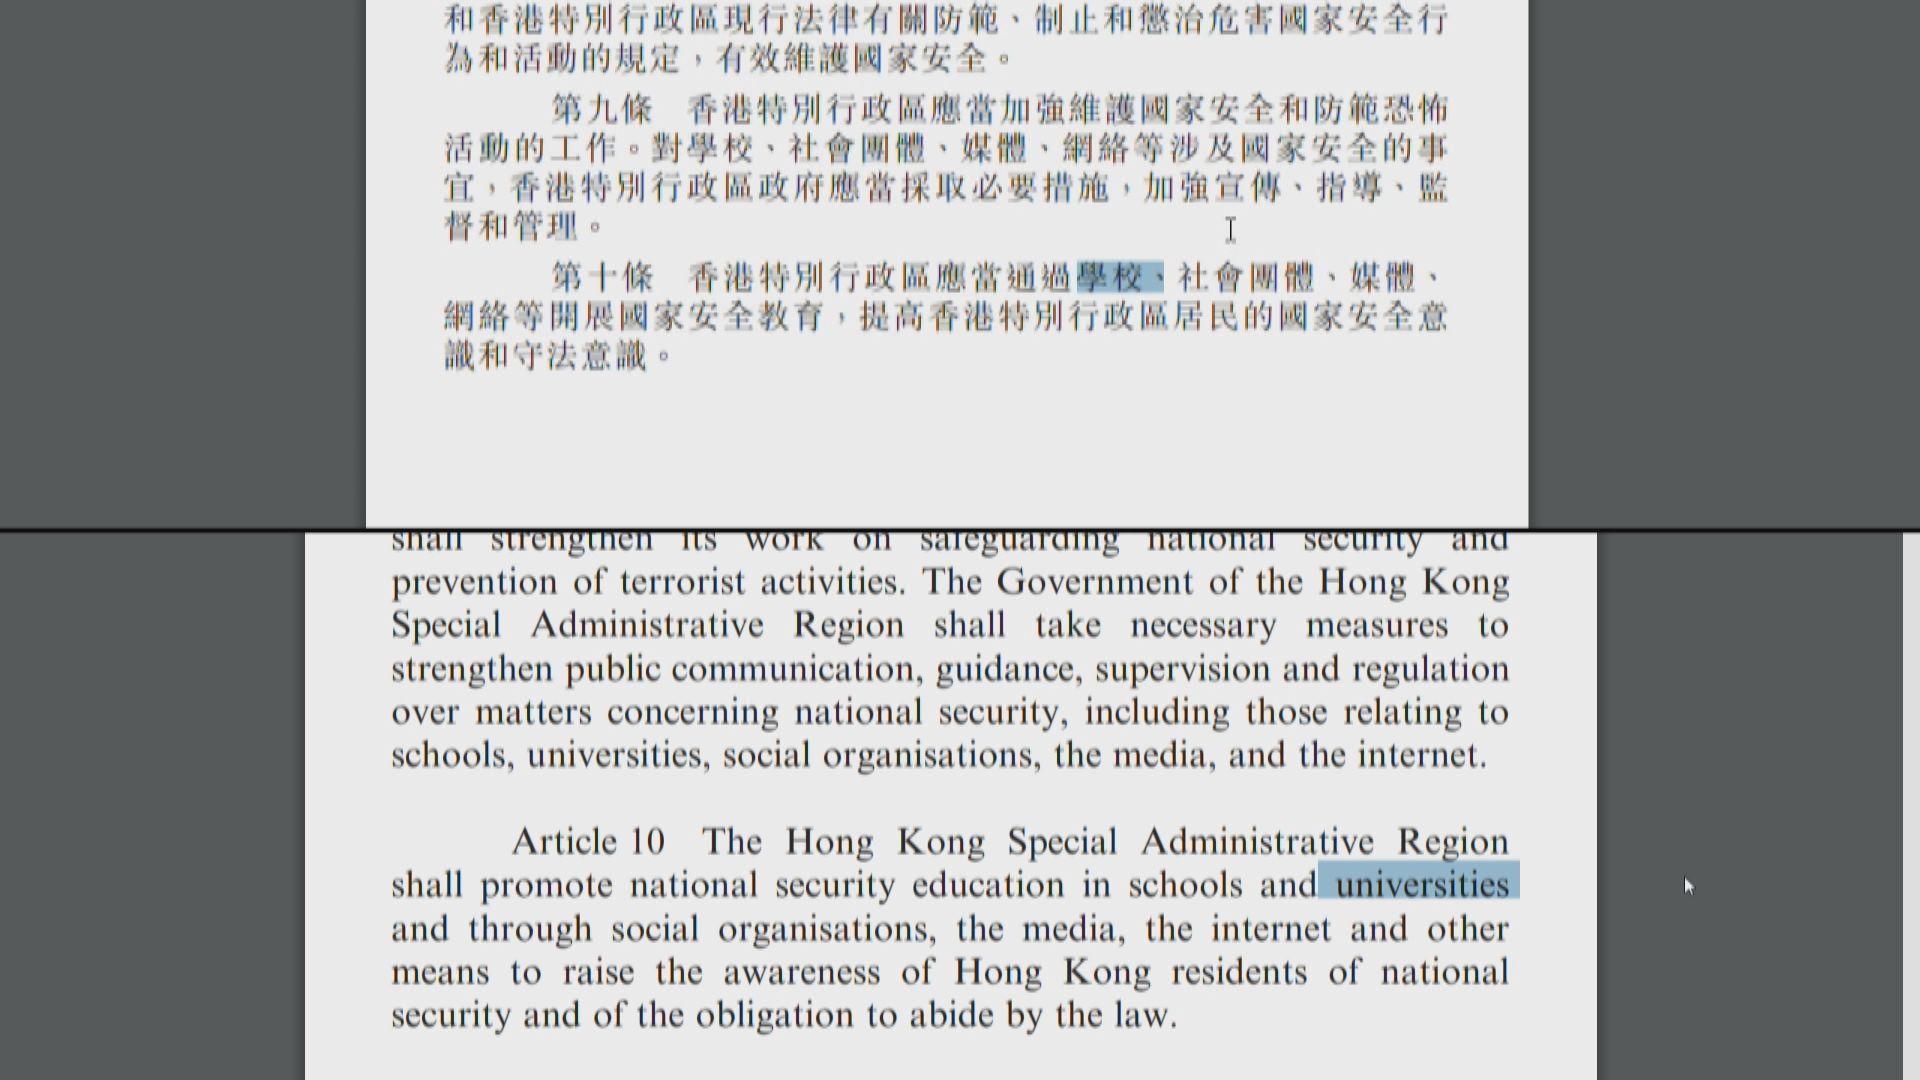 律政司稱港區國安法以中文為主體